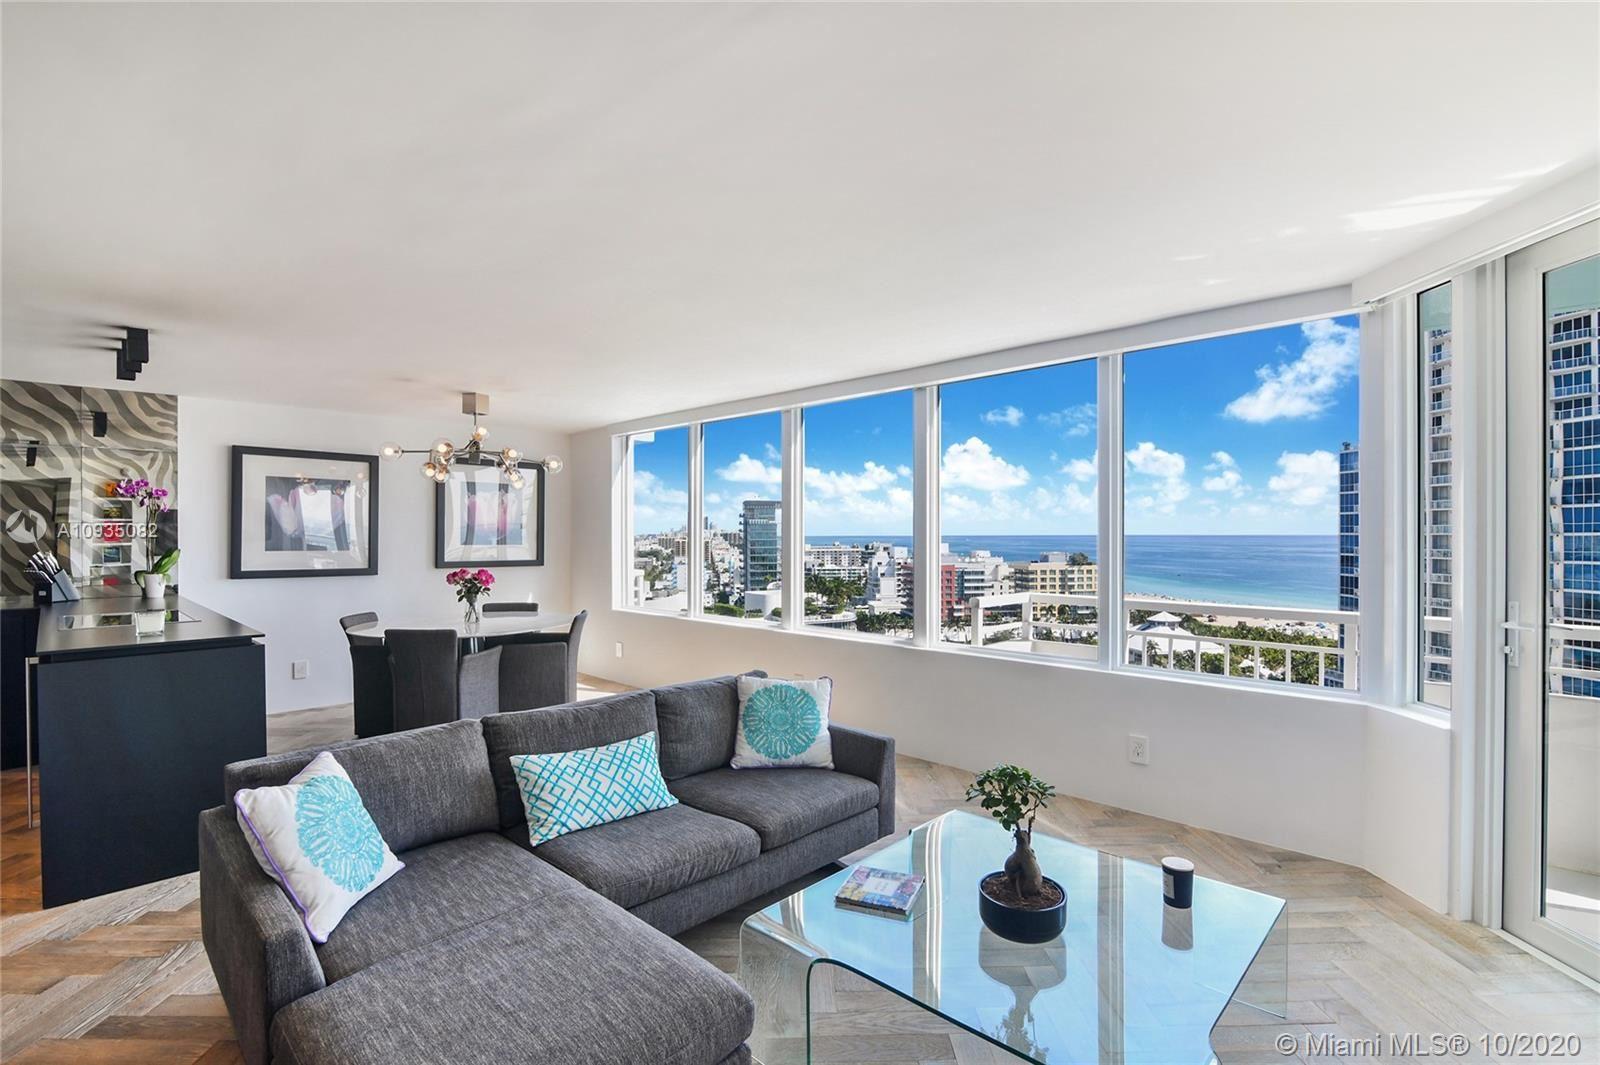 400 S Pointe Dr #1706, Miami Beach, FL 33139 - #: A10935082